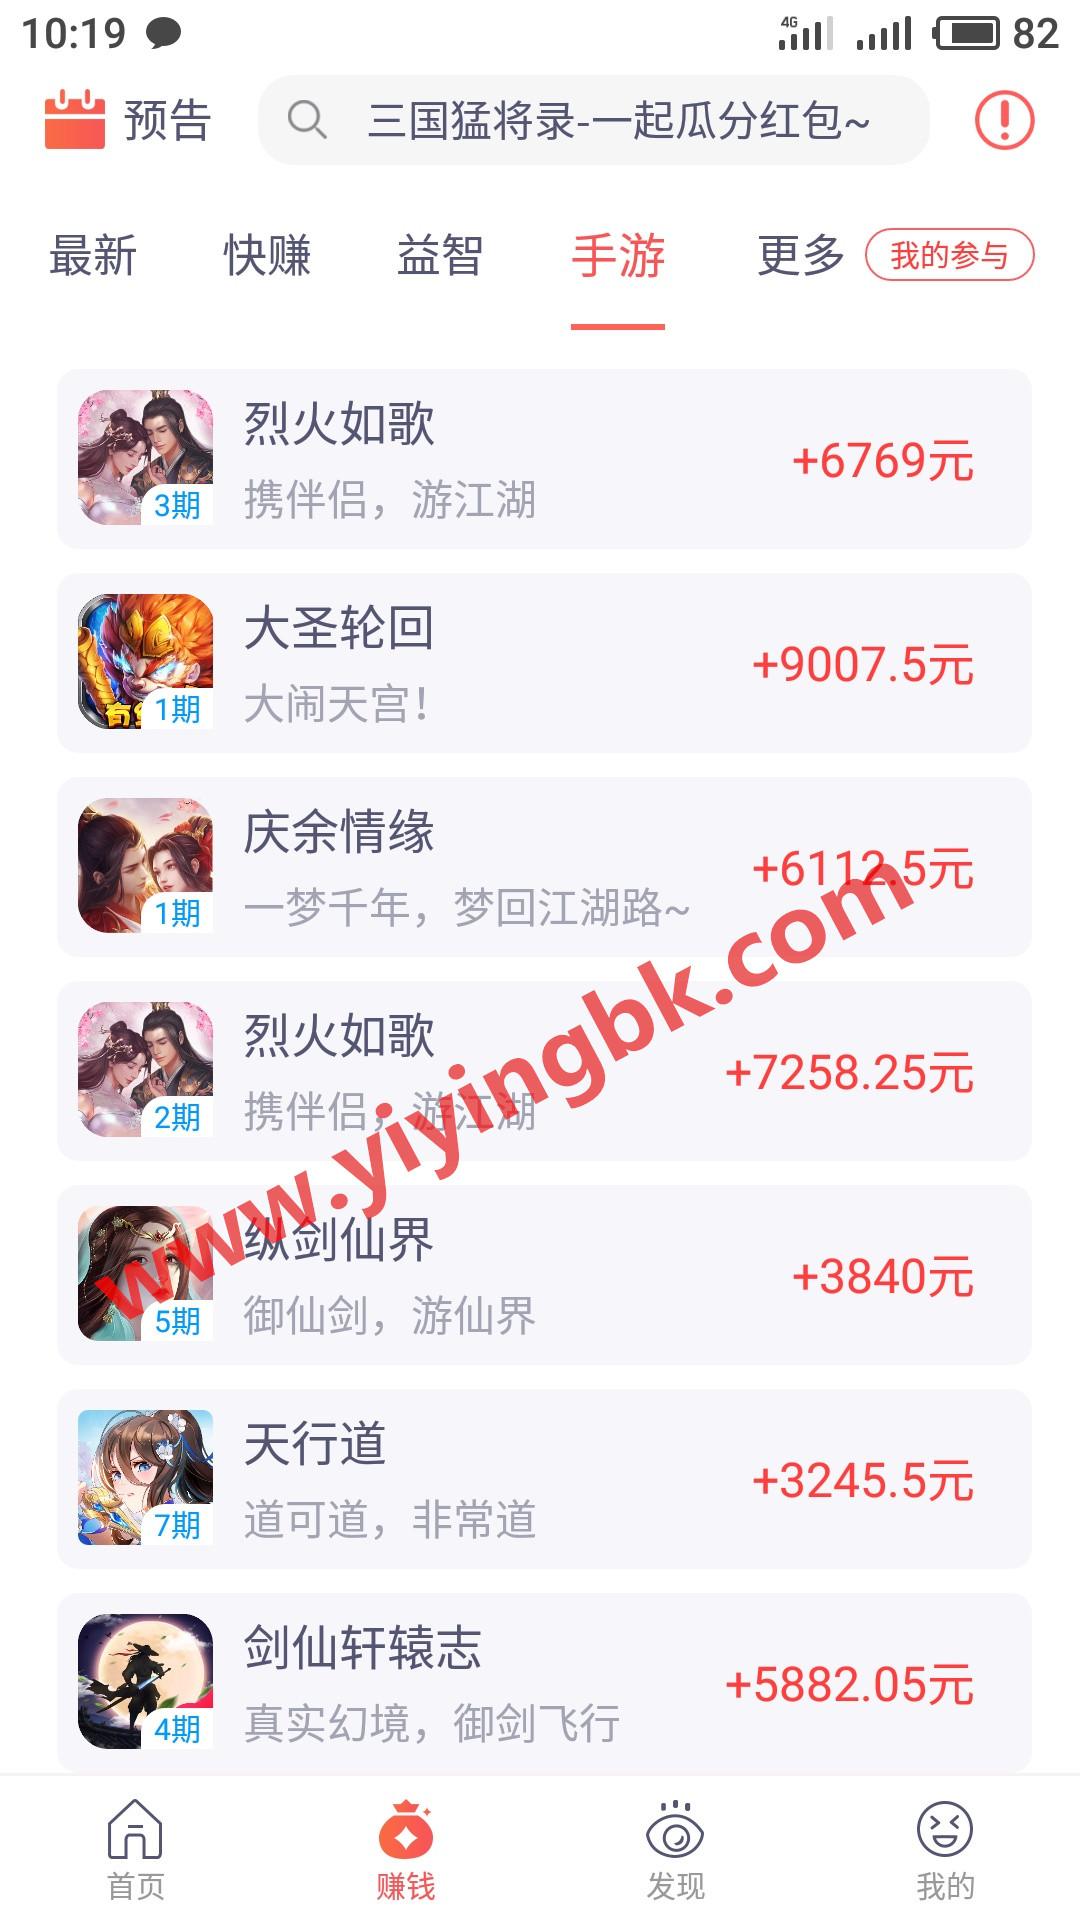 玩手游领红包赚零花钱,www.yiyingbk.com